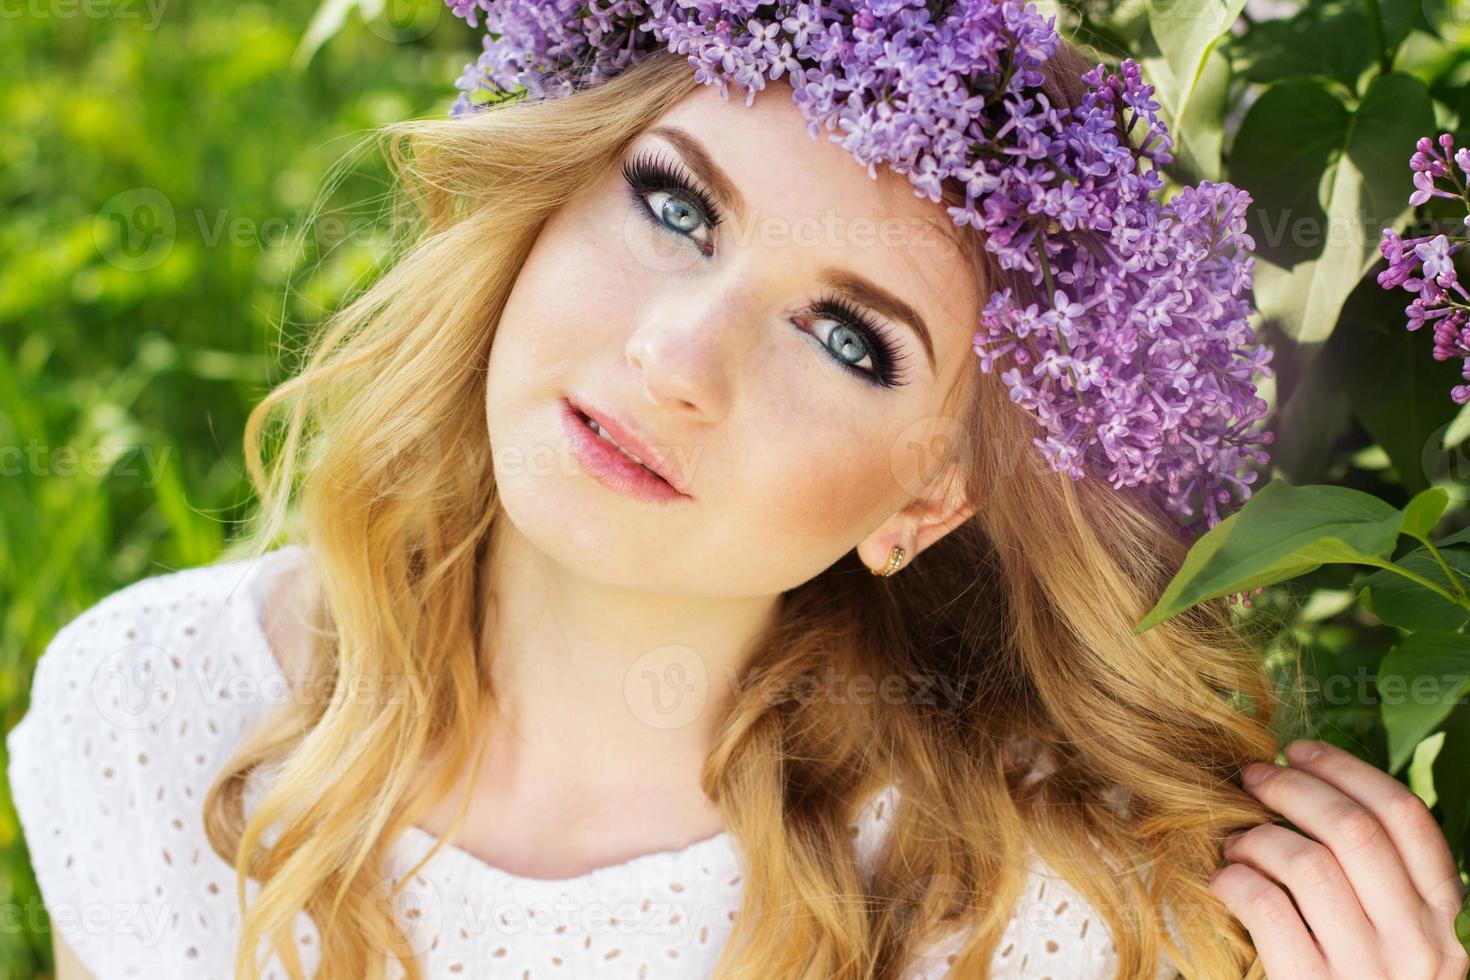 tiener blond meisje met krans van lila bloemen foto